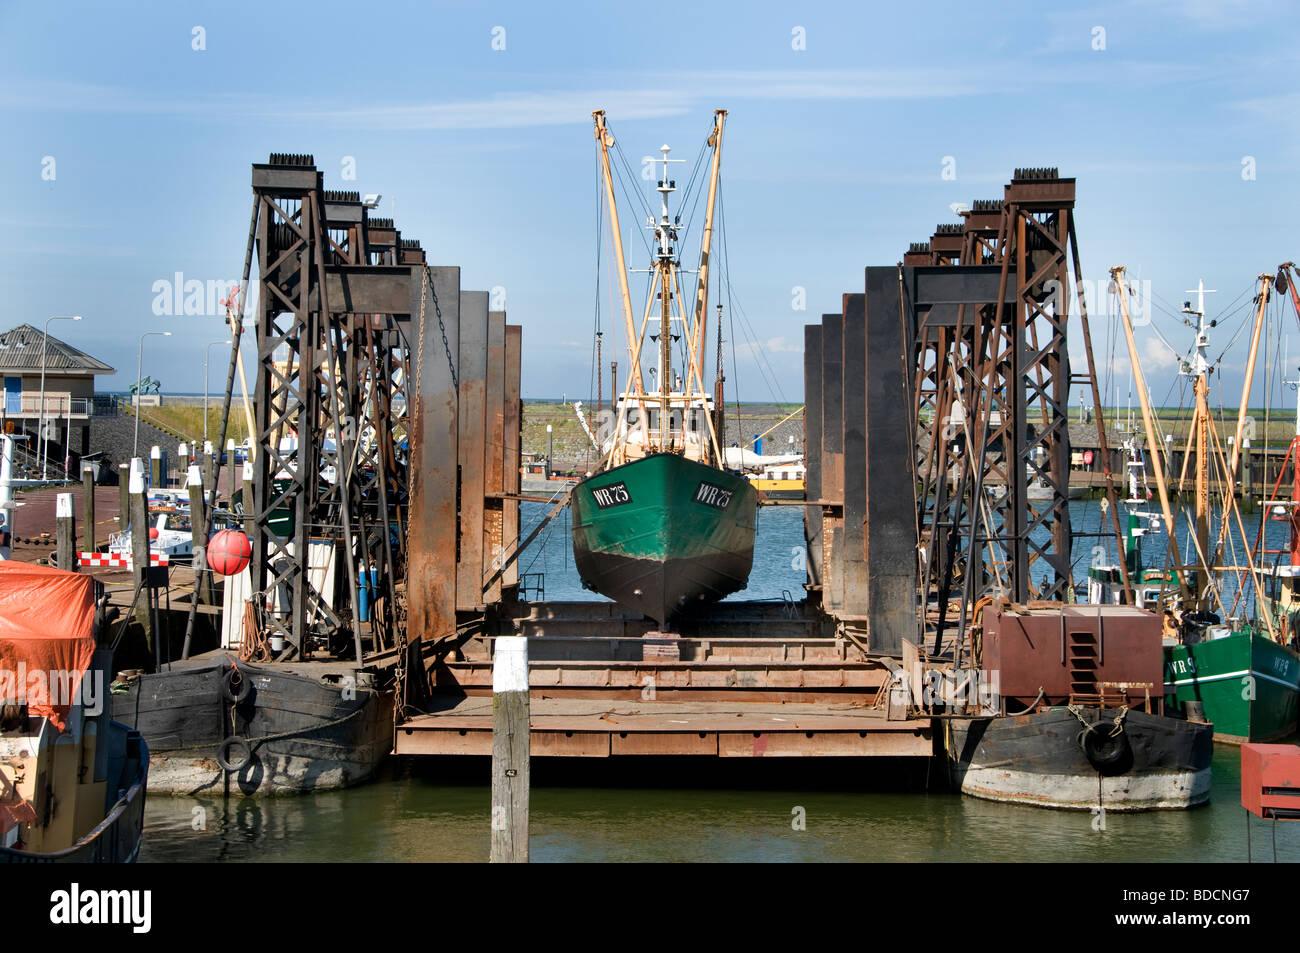 Oudeschild Texel Netherlands fishing trawler floating dry dock shipyard port harbor Wadden Sea Waddenzee Wad - Stock Image